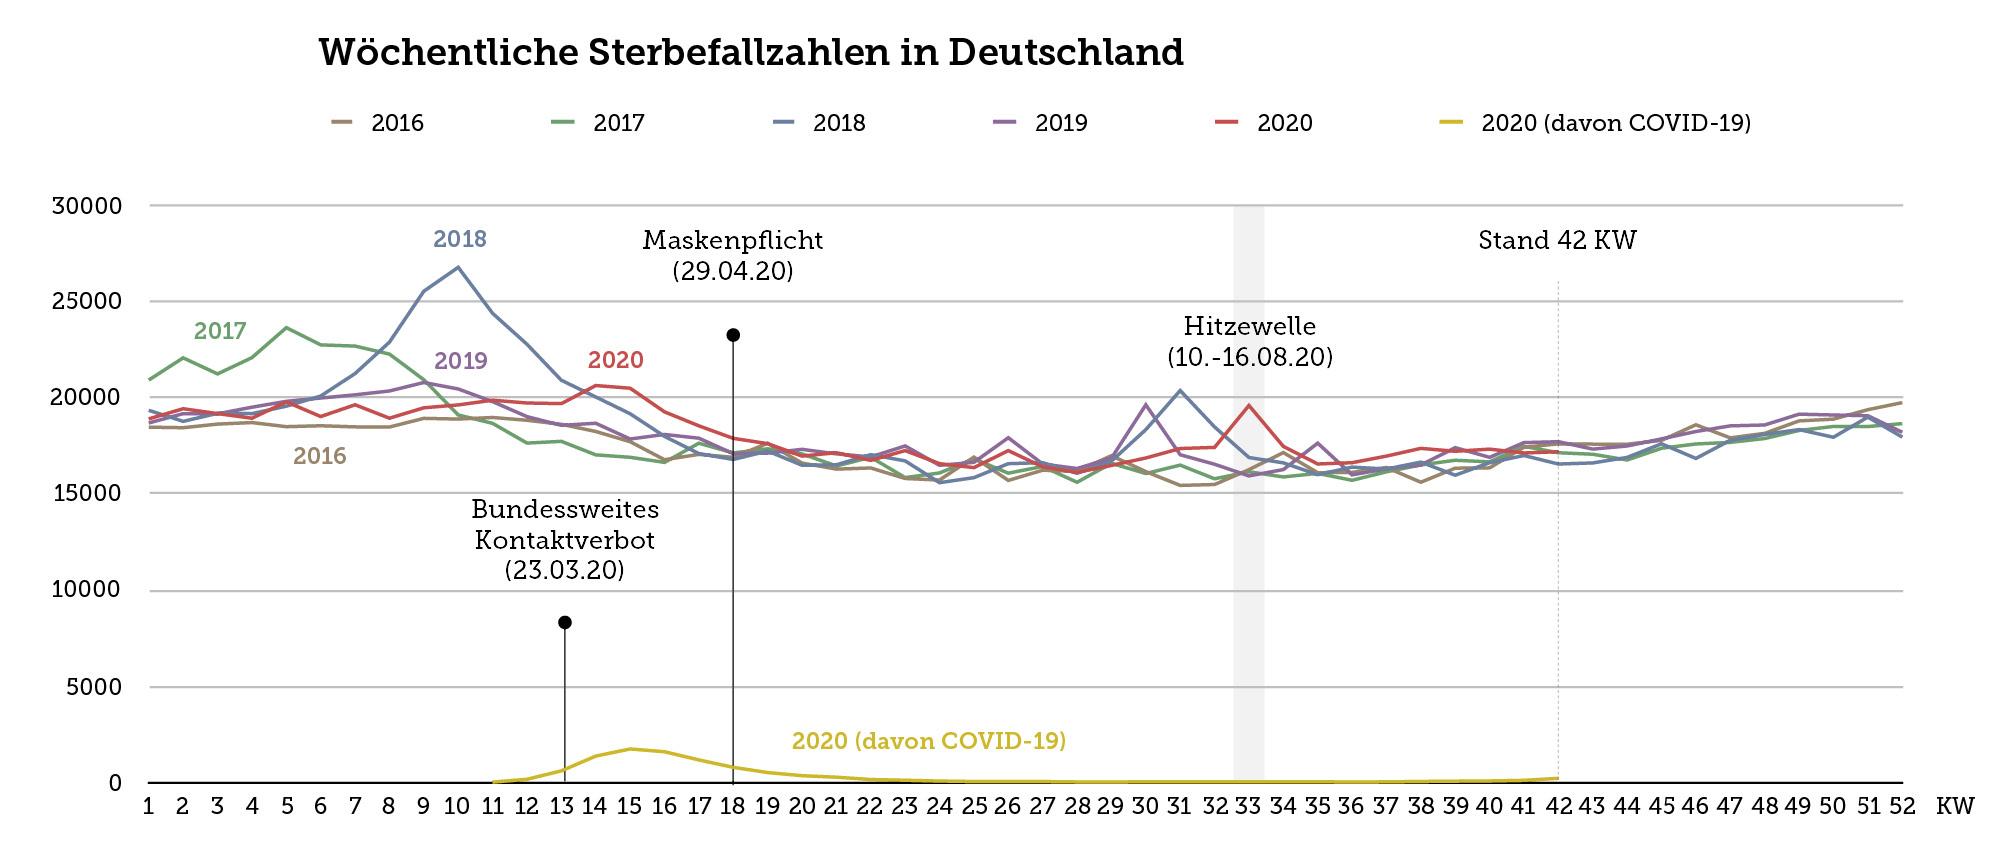 Die Grafik zeigt die wöchentlichen Sterbefallzahlen in Deutschland